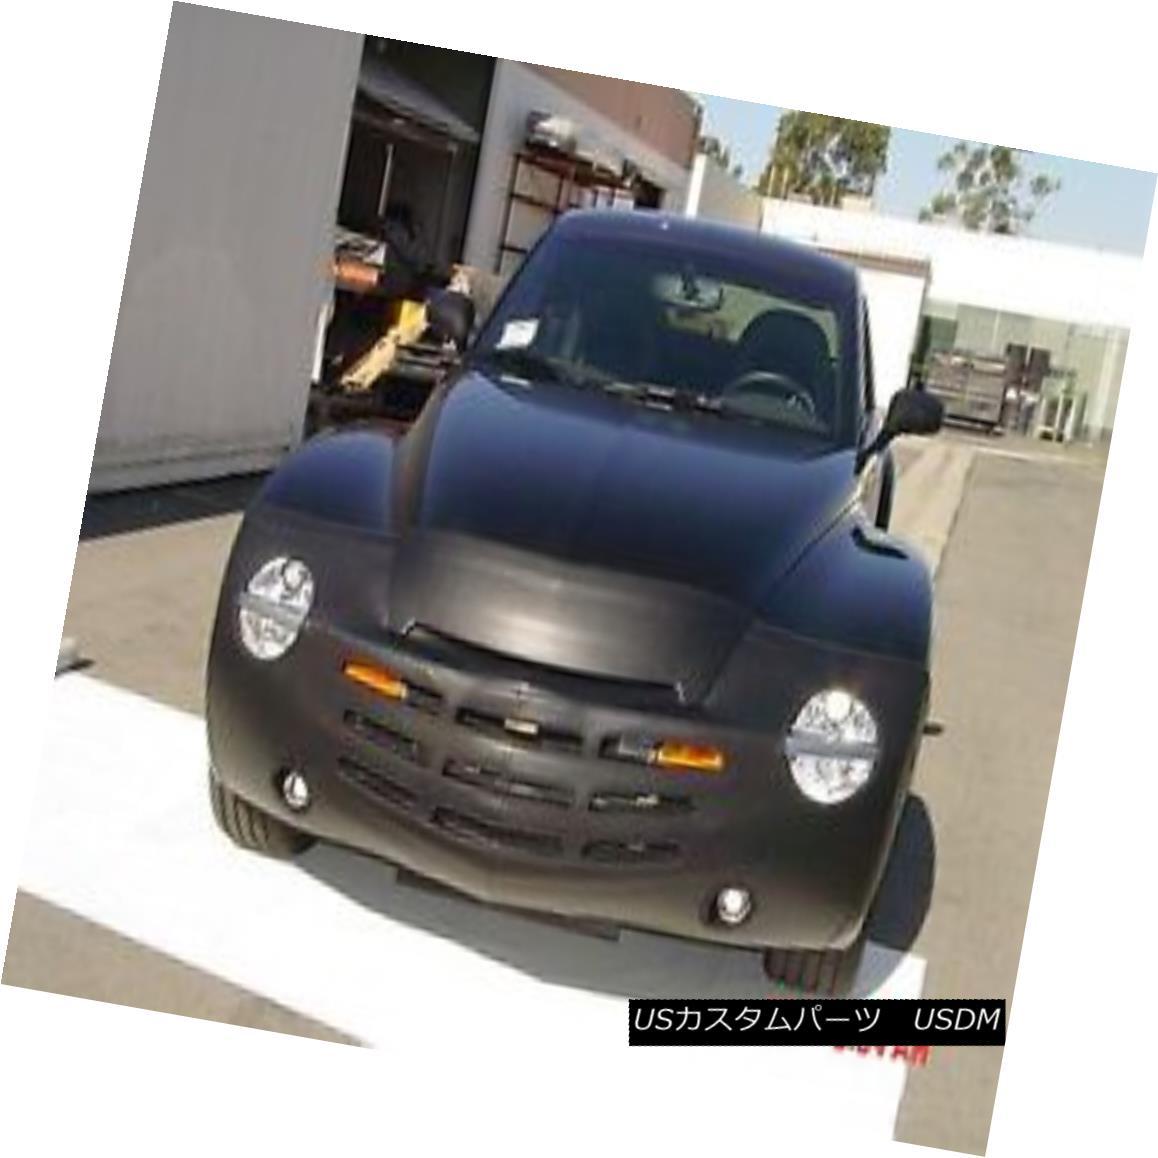 フルブラ ノーズブラ Colgan Front End Mask Bra 2pc. Fits Chevy SSR W/License Plate 2004-2006  コルガンフロントエンドマスクブラ2pc シェビーSSR W /ナンバープレート2004-2006に適合